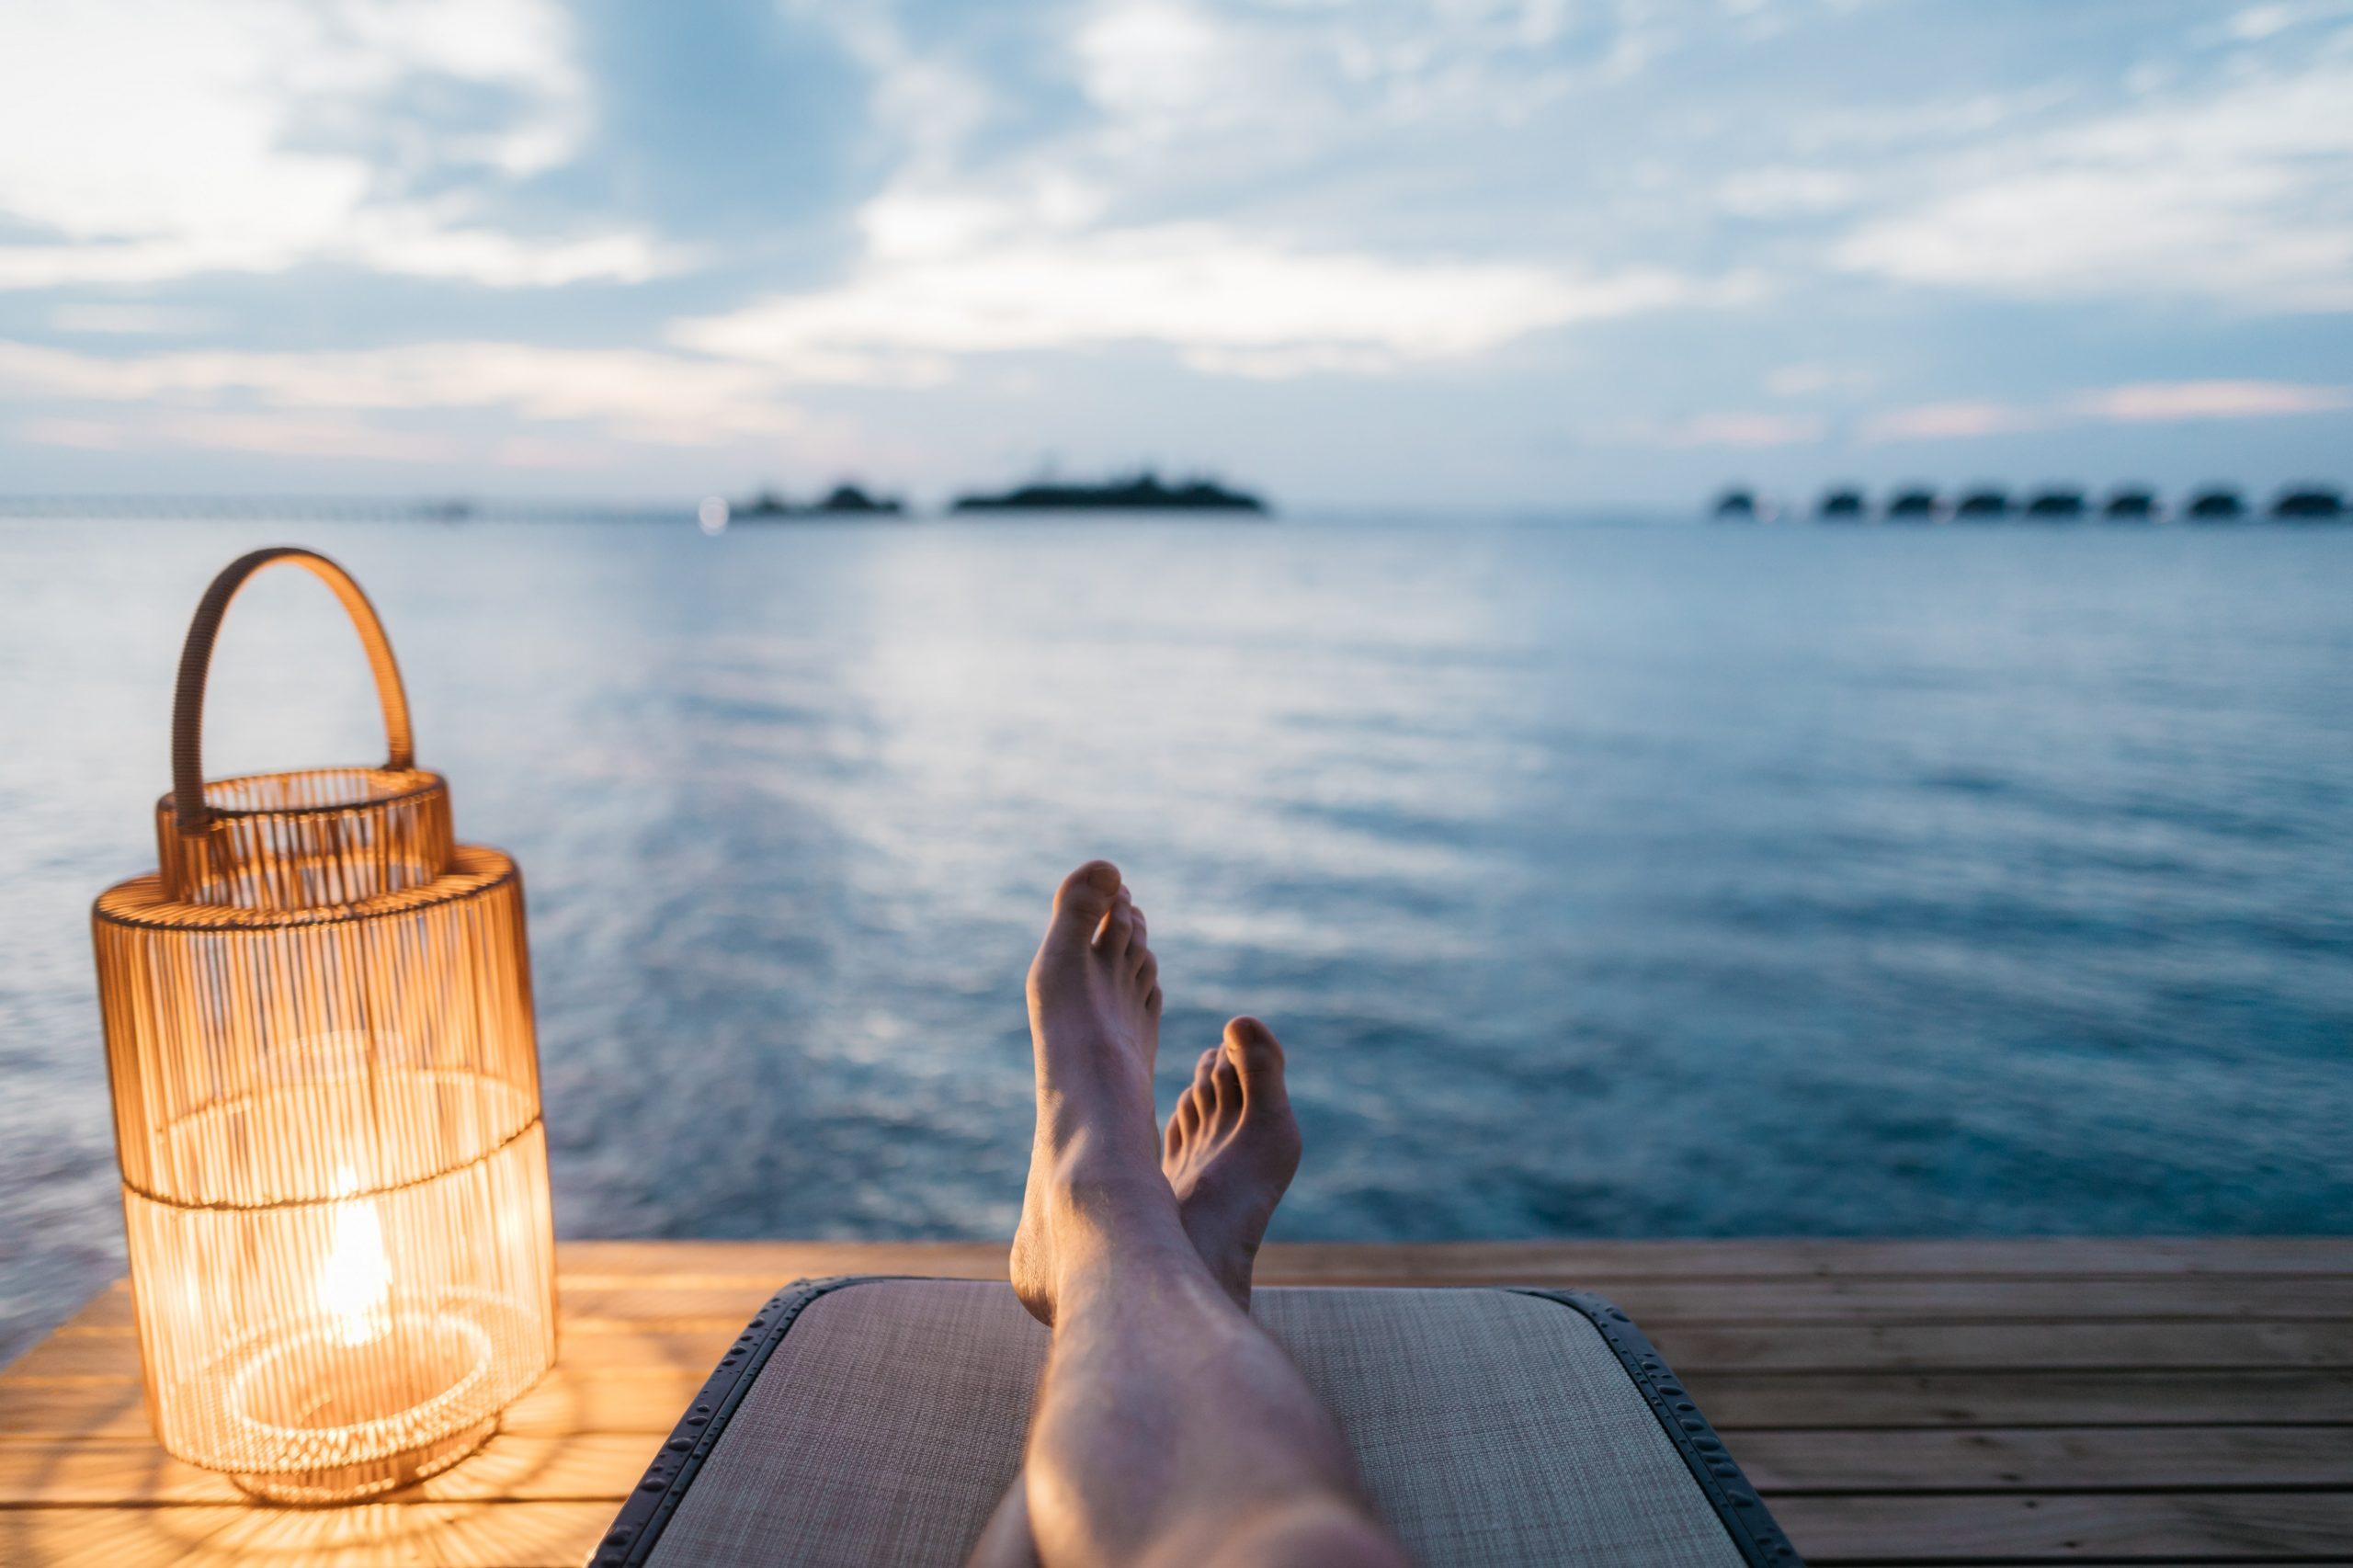 كيف تقضي شهر العسل في المالديف معلومات فنادق منتجعات ترافيل ديف